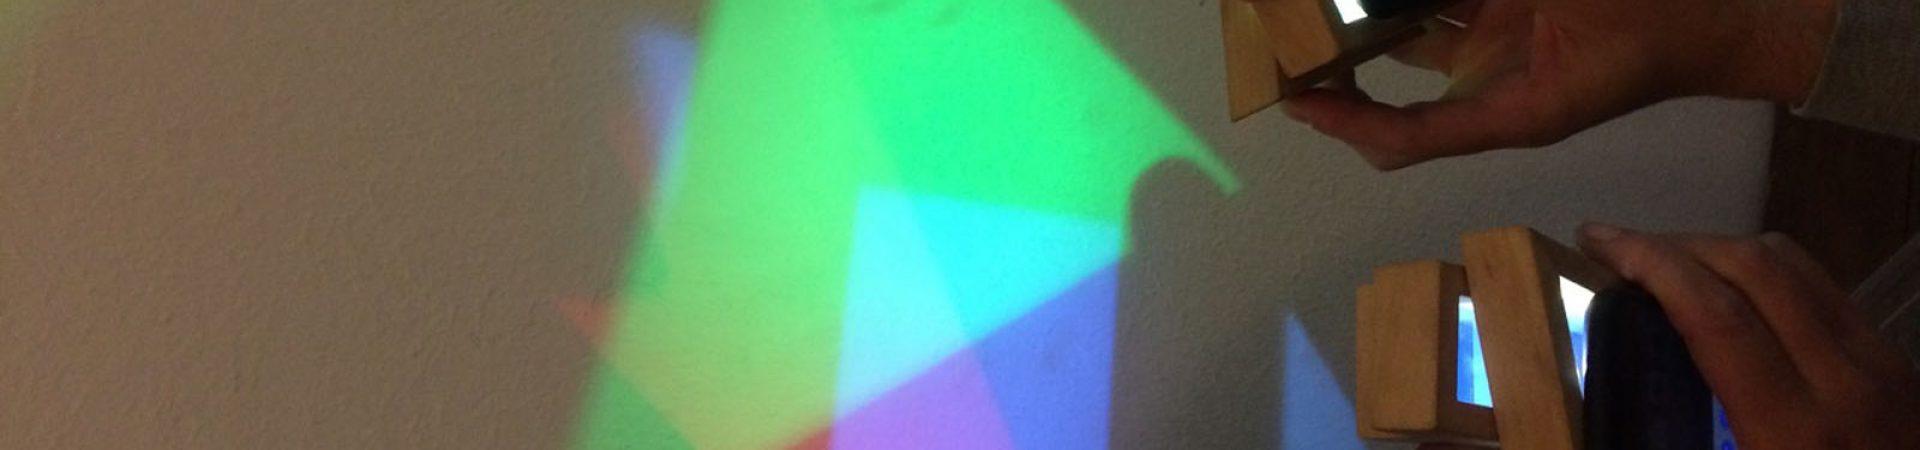 Impressum_Farben